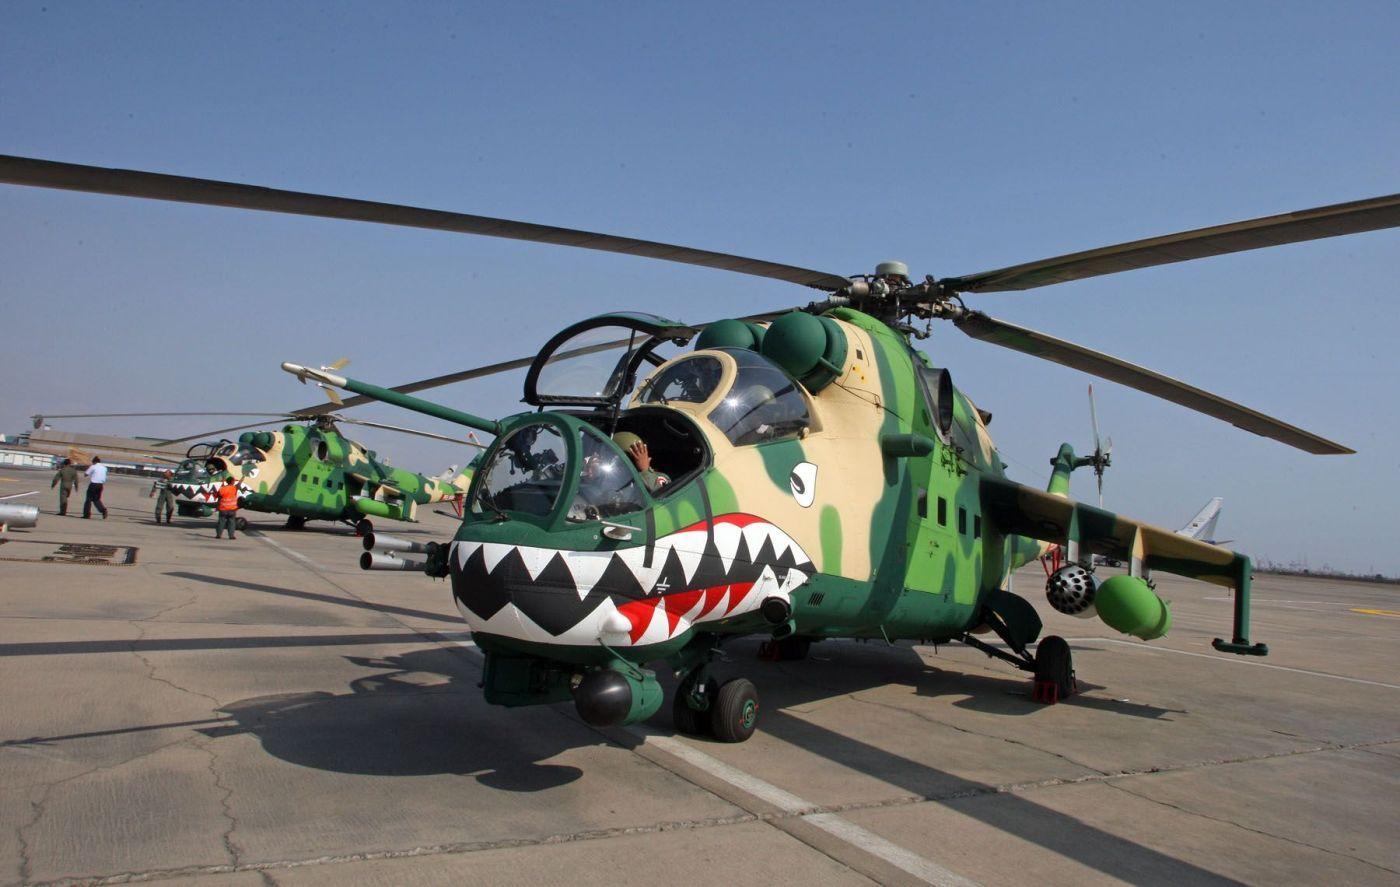 Обои ГШ-30К, ВВС Нигерии, Модернизированный вариант Ми-24, Ми-35П, Ударный вертолёт, экспортный вариант Ми-24П. Авиация foto 14